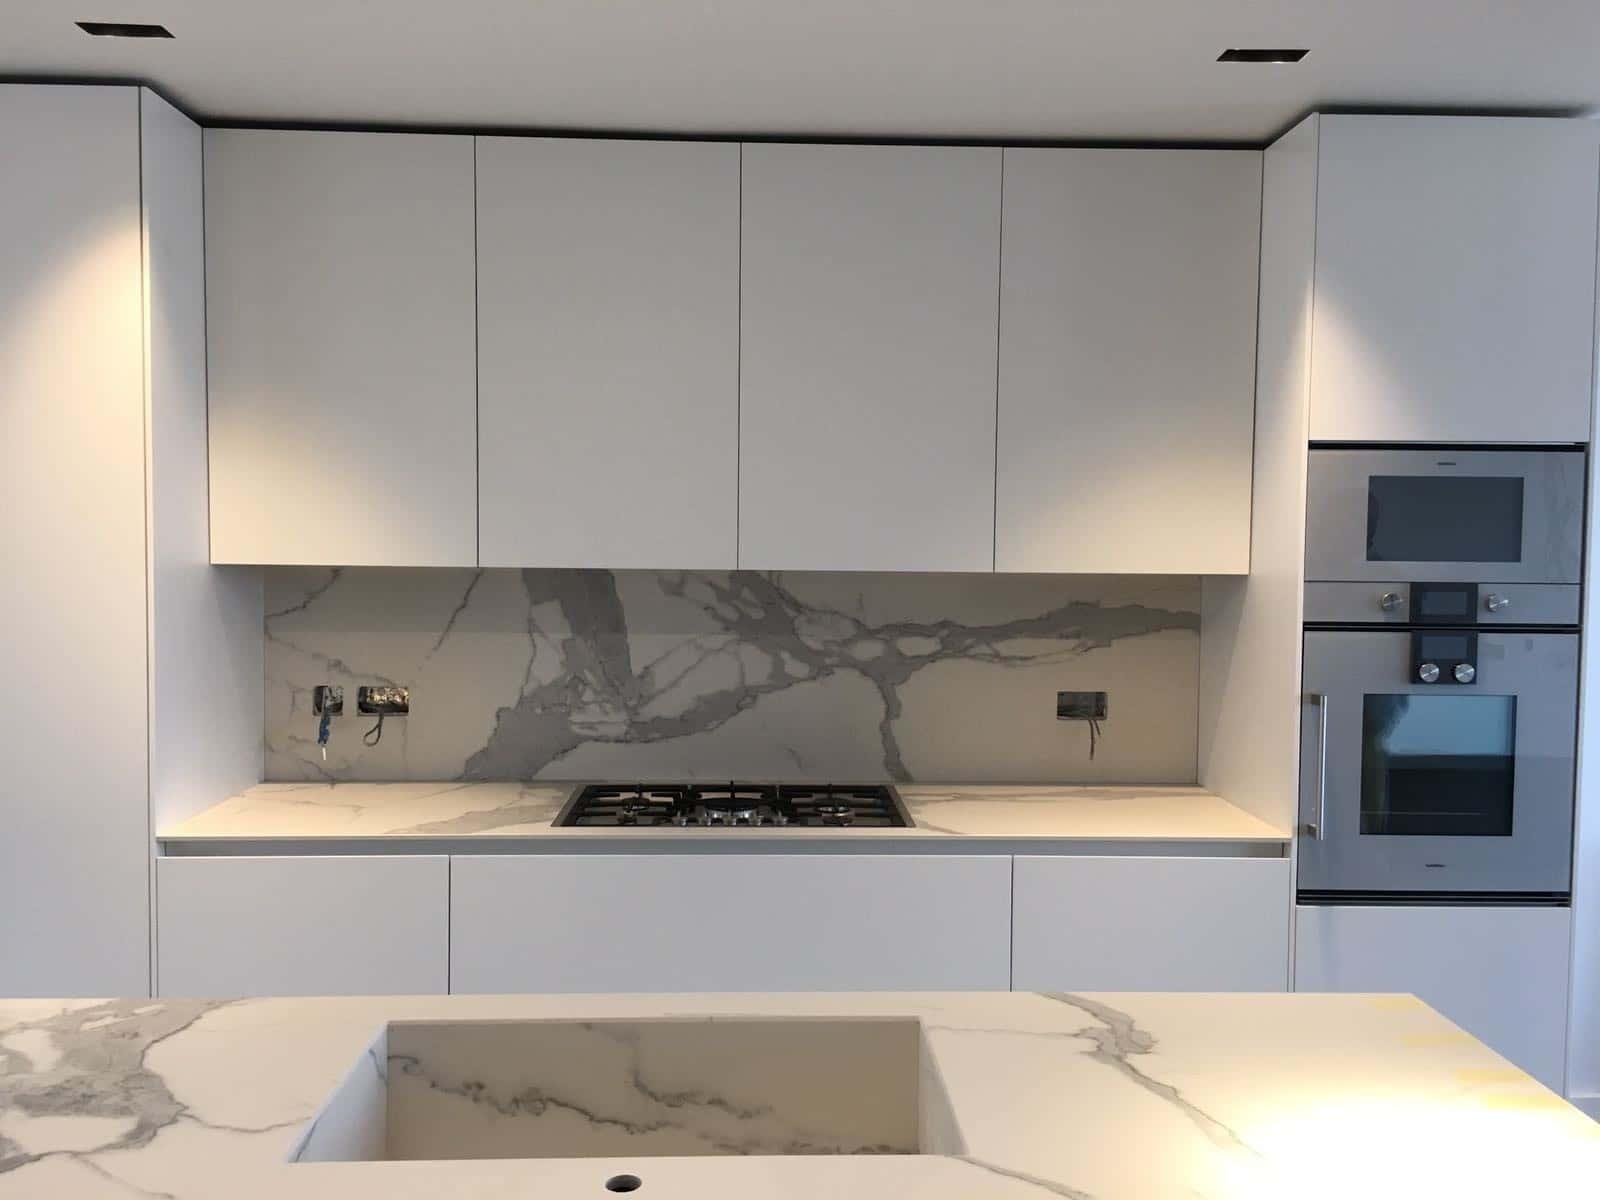 Progetti Di Cucine Moderne.Cucine Di Lusso Moderne Progetto Con Binova Mantis Blua